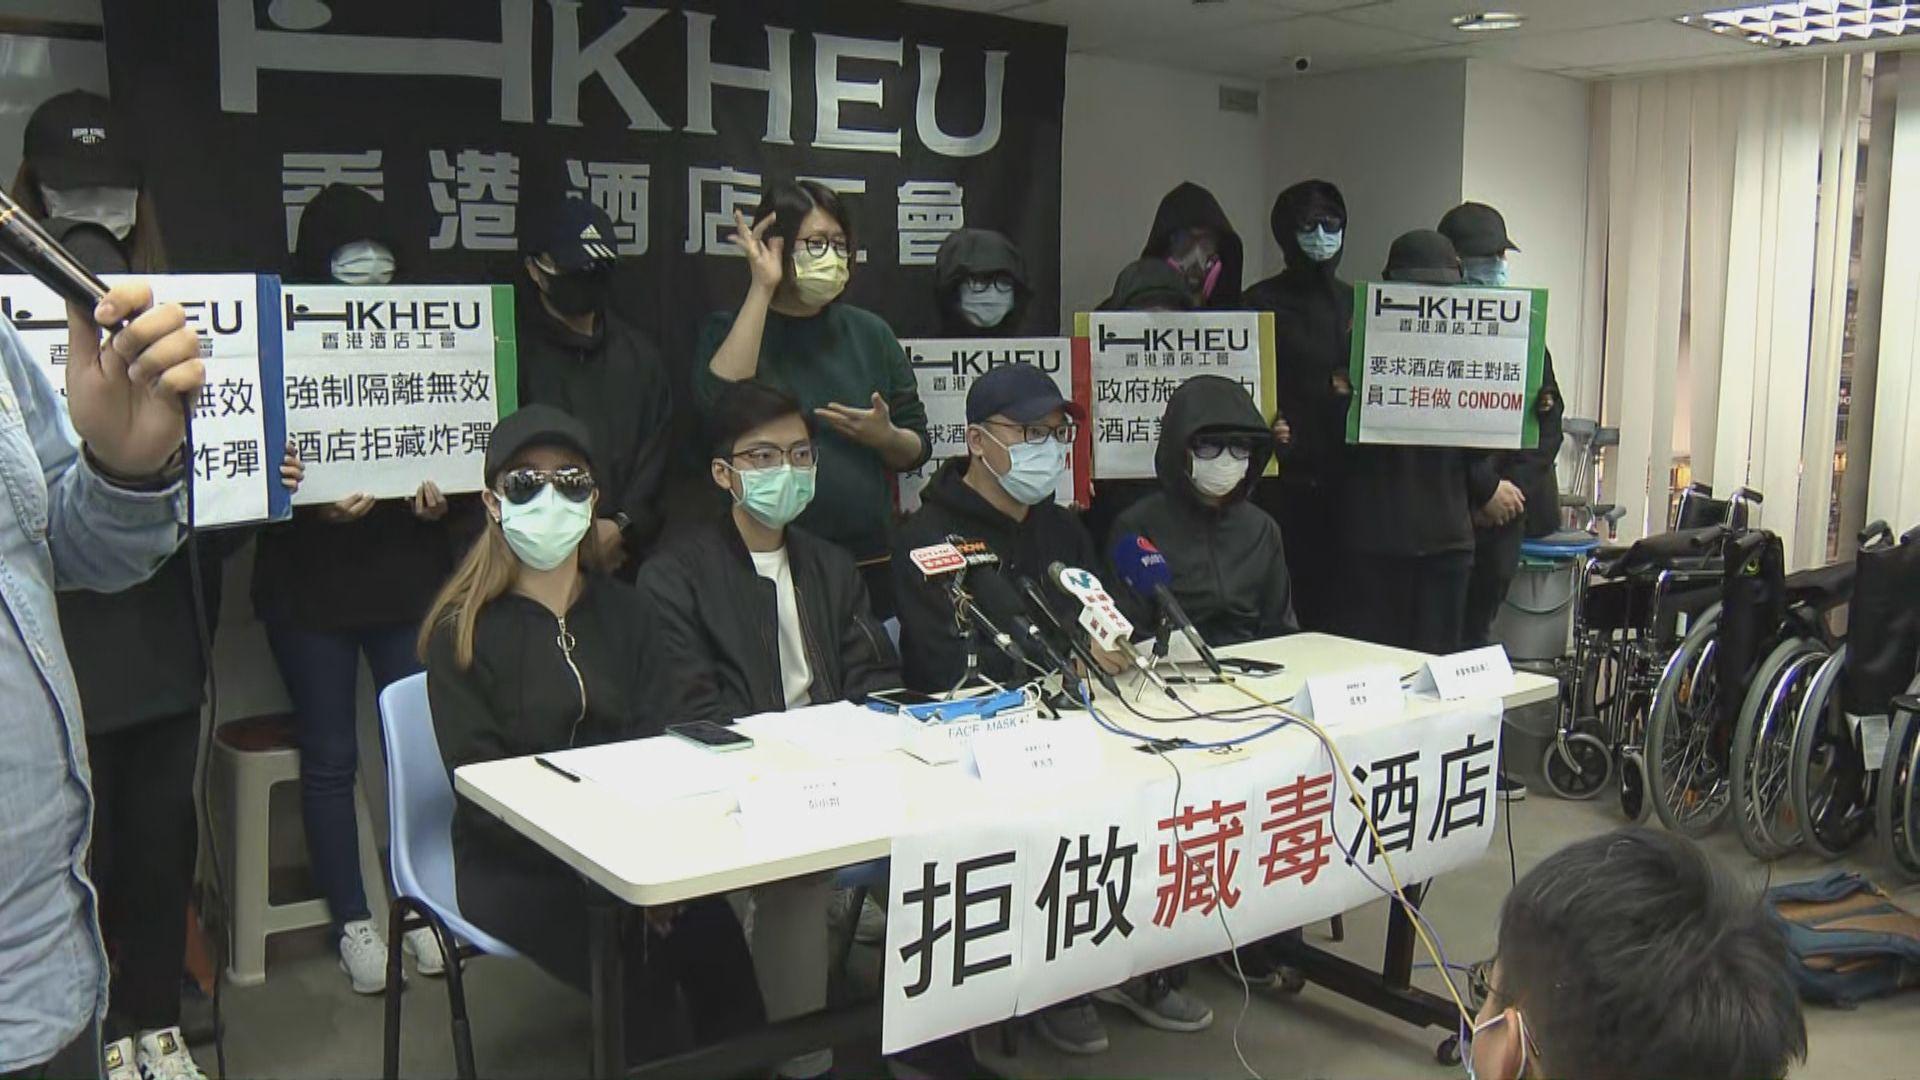 酒店業工會批政府無就強制檢疫向業界發指引